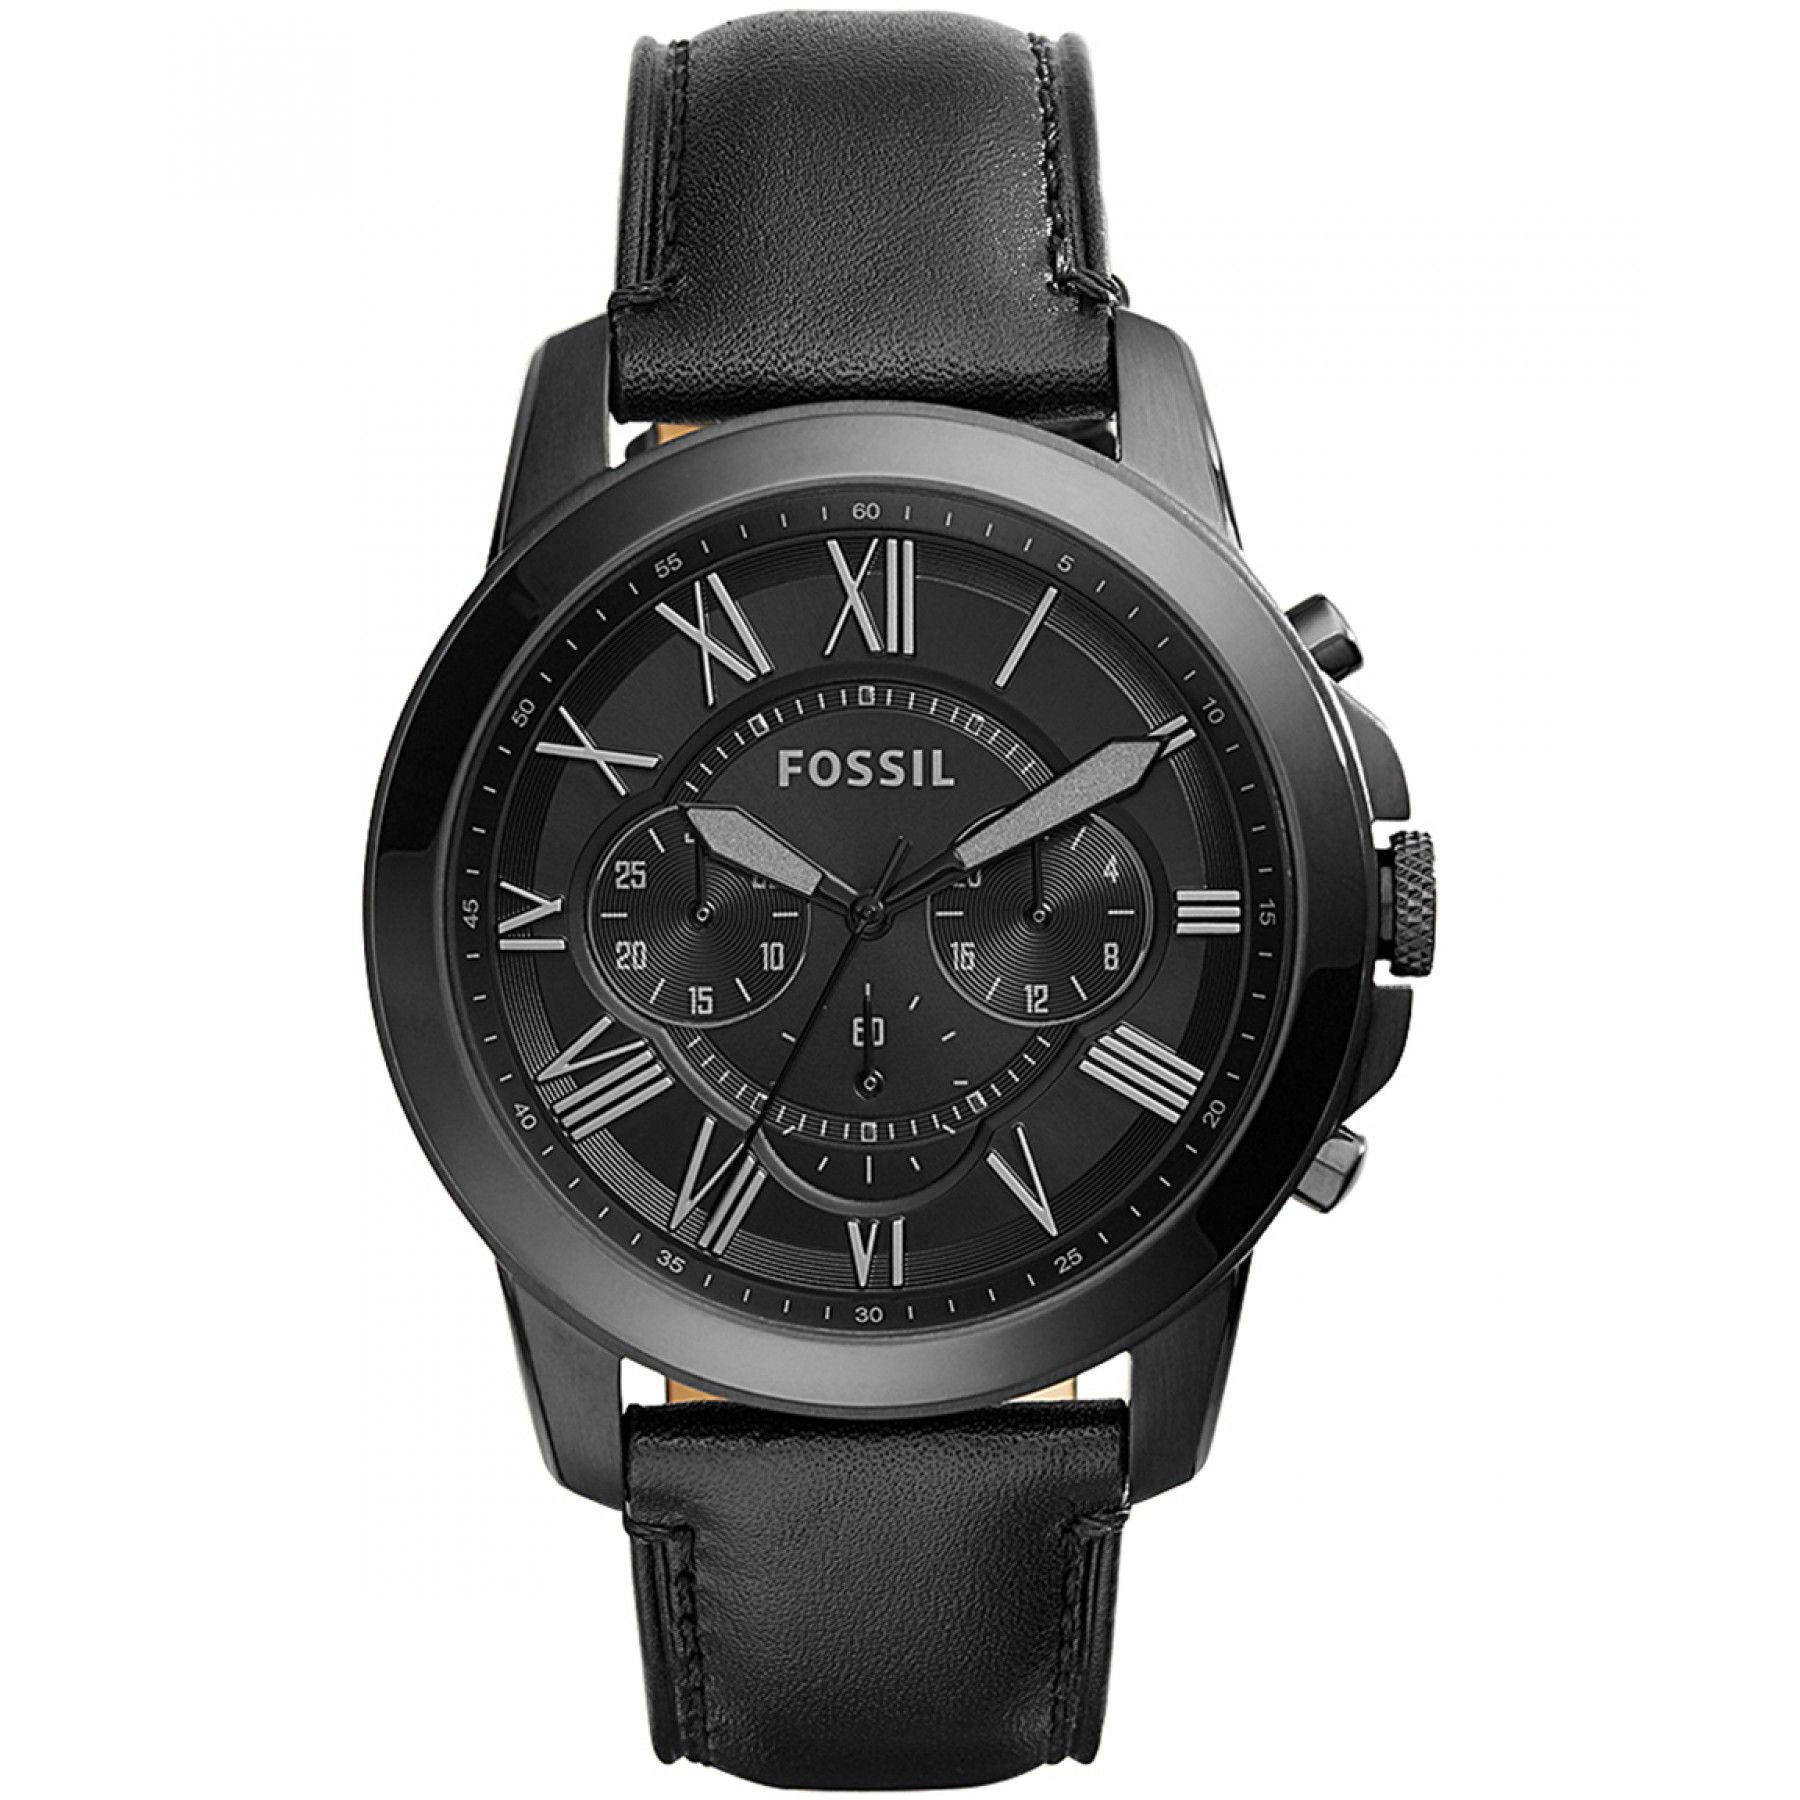 bd1fb9964bad Reloj Fossil con extensible de correa en piel negro y manecillas  luminiscentes.